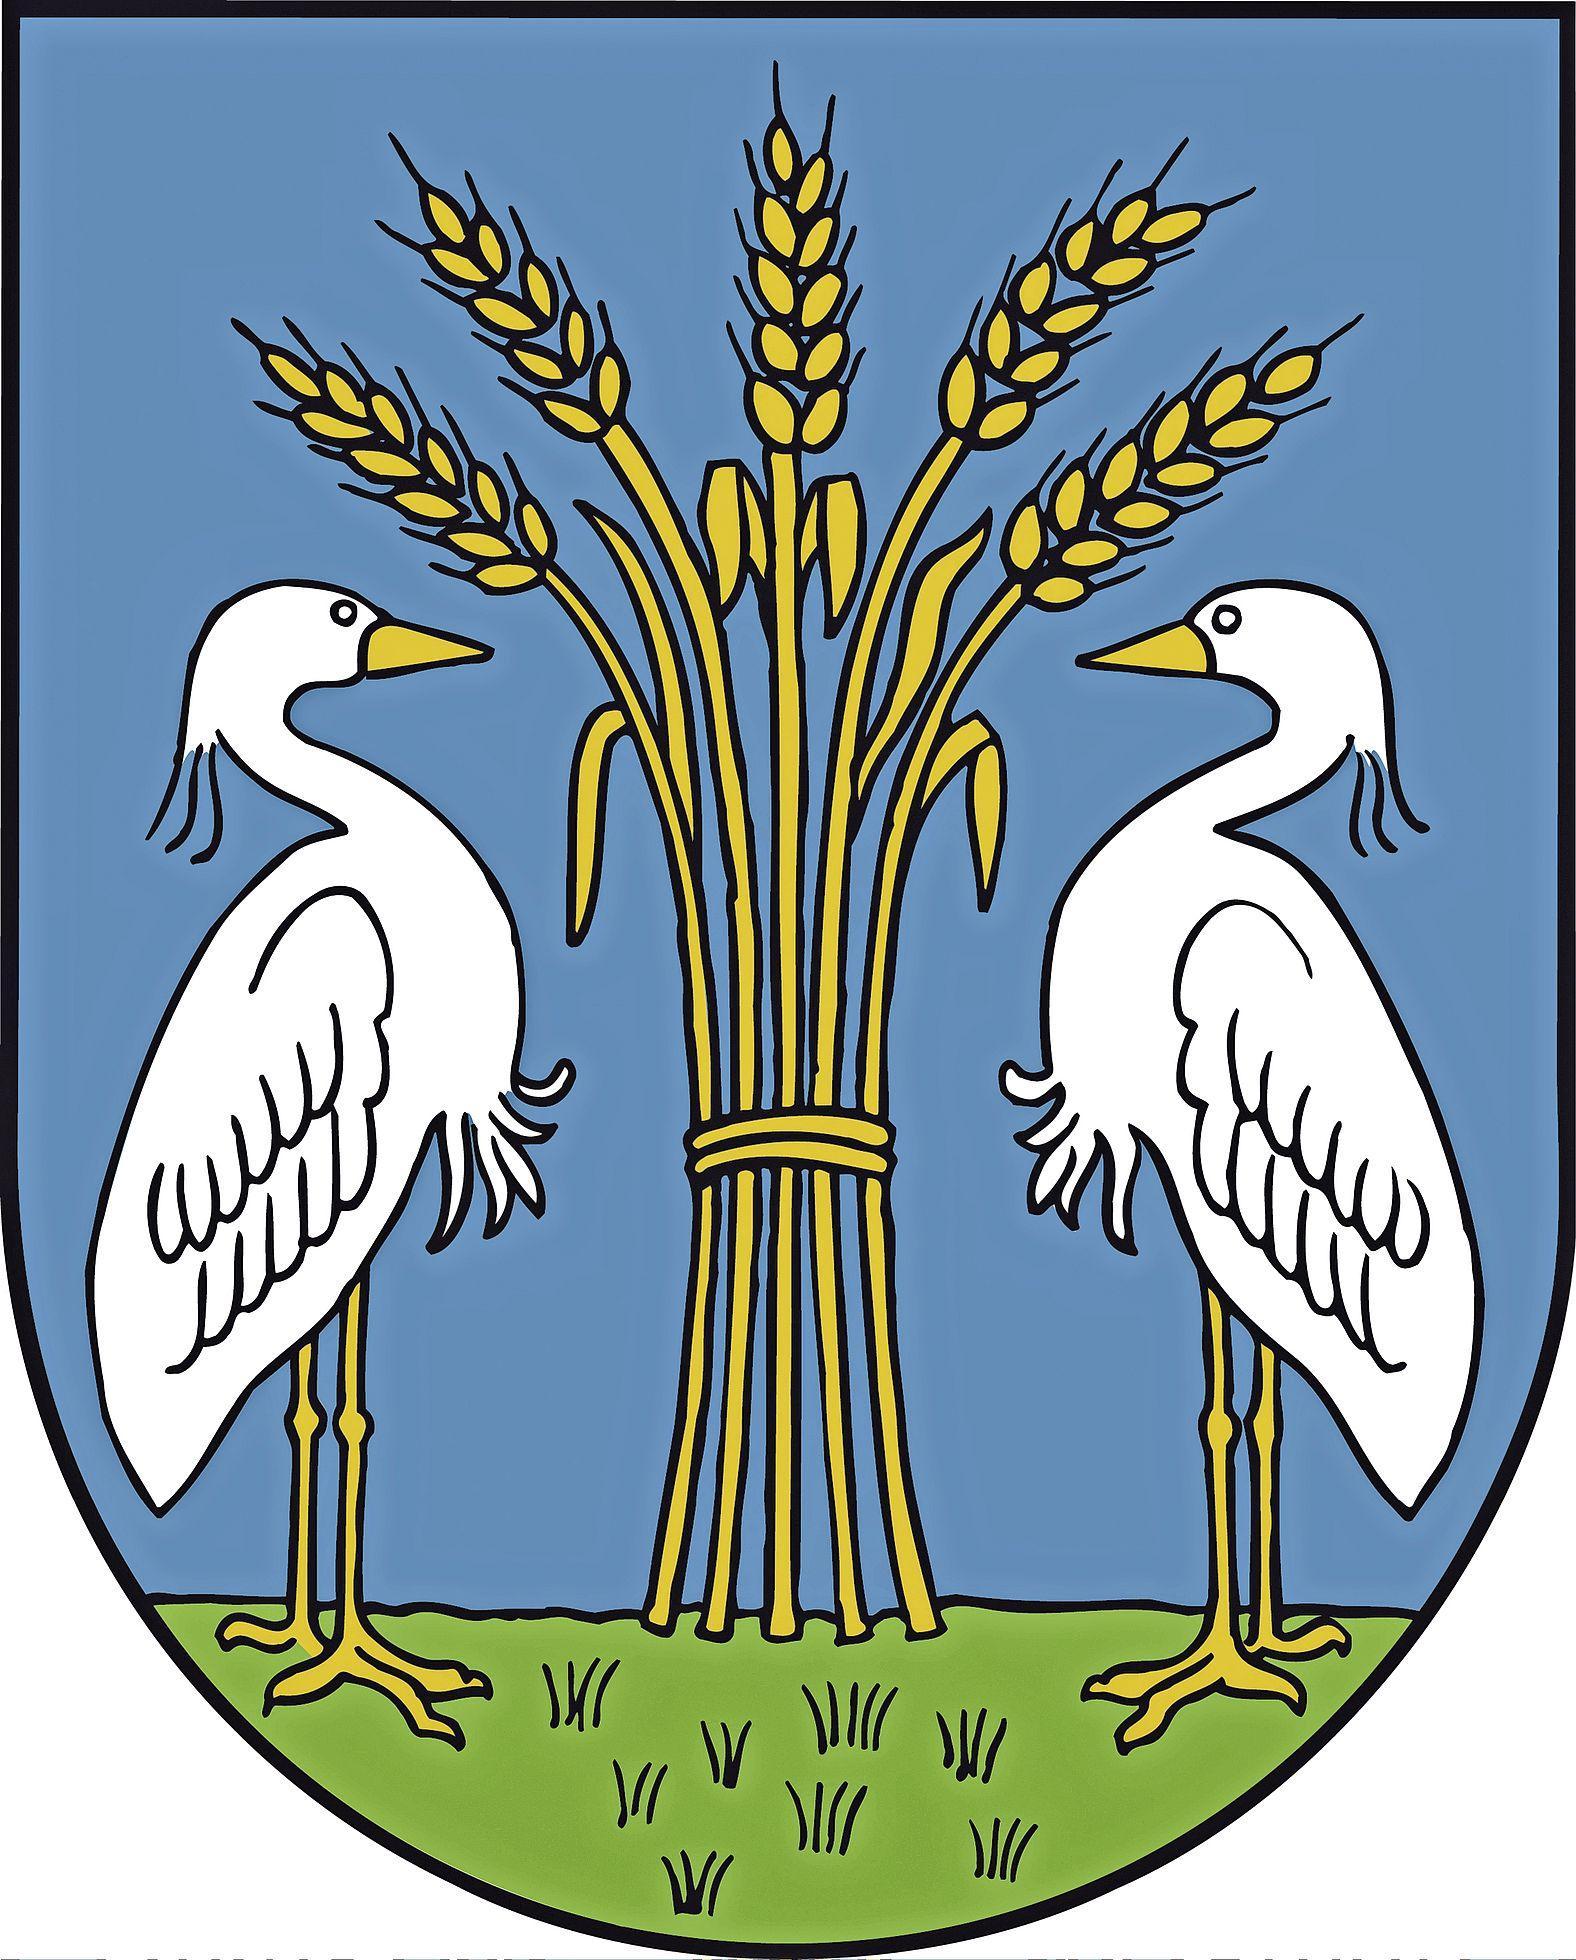 Nieuw gemeentewapen voor Dijk en Waard in de maak. Keren de Langedijker leeuw en de Heerhugowaardse reiger terug?